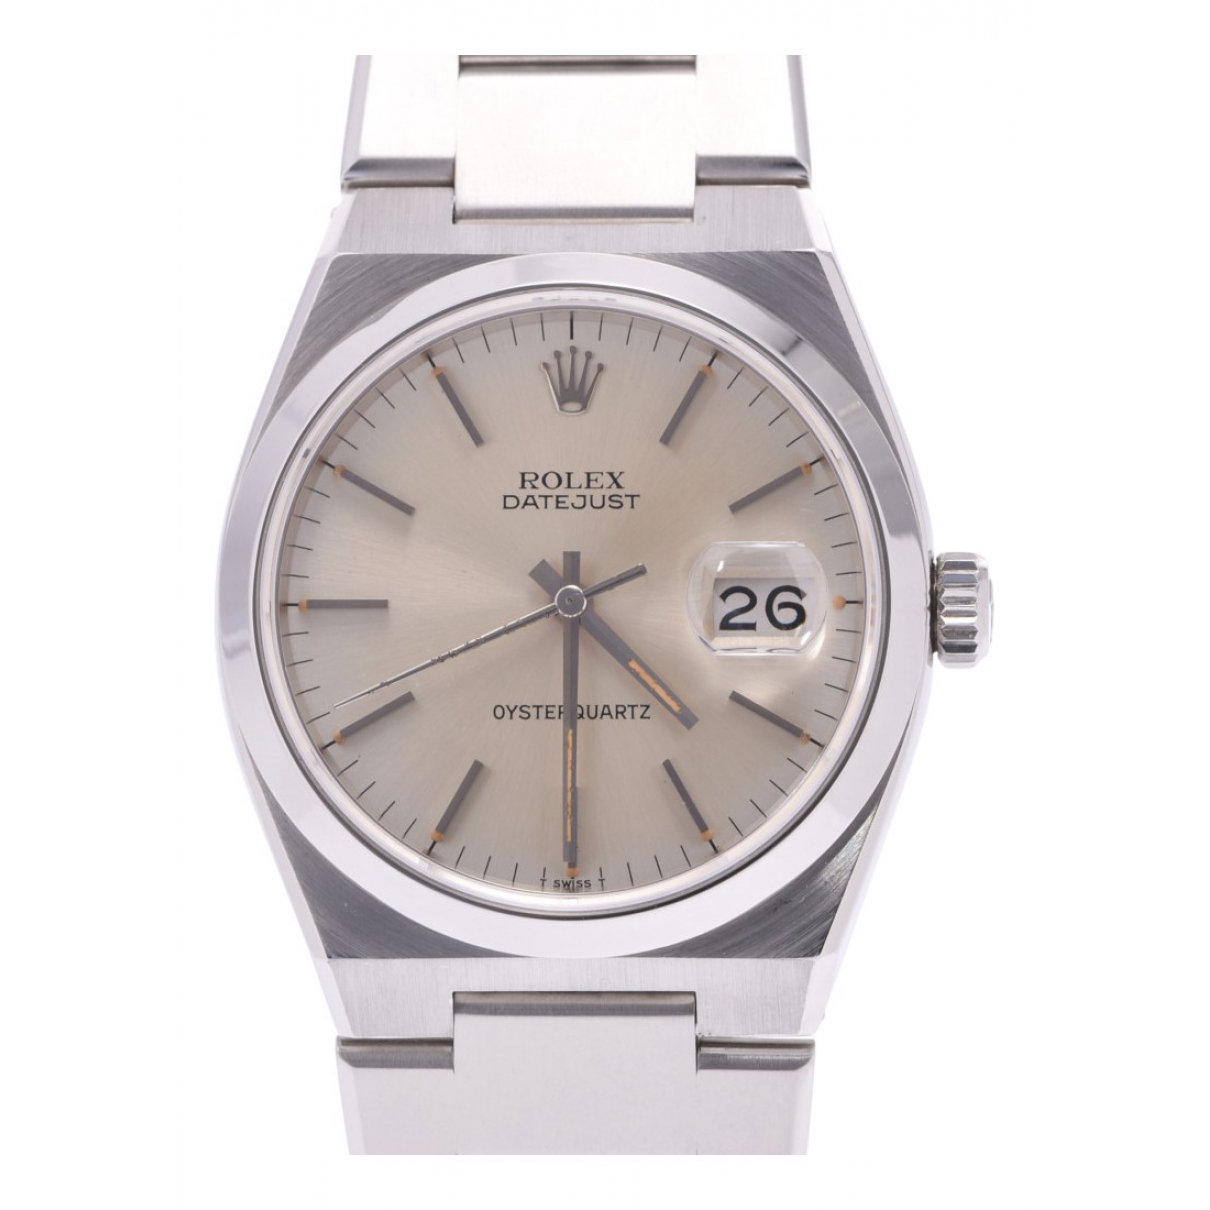 Relojes Oyster Quartz Rolex